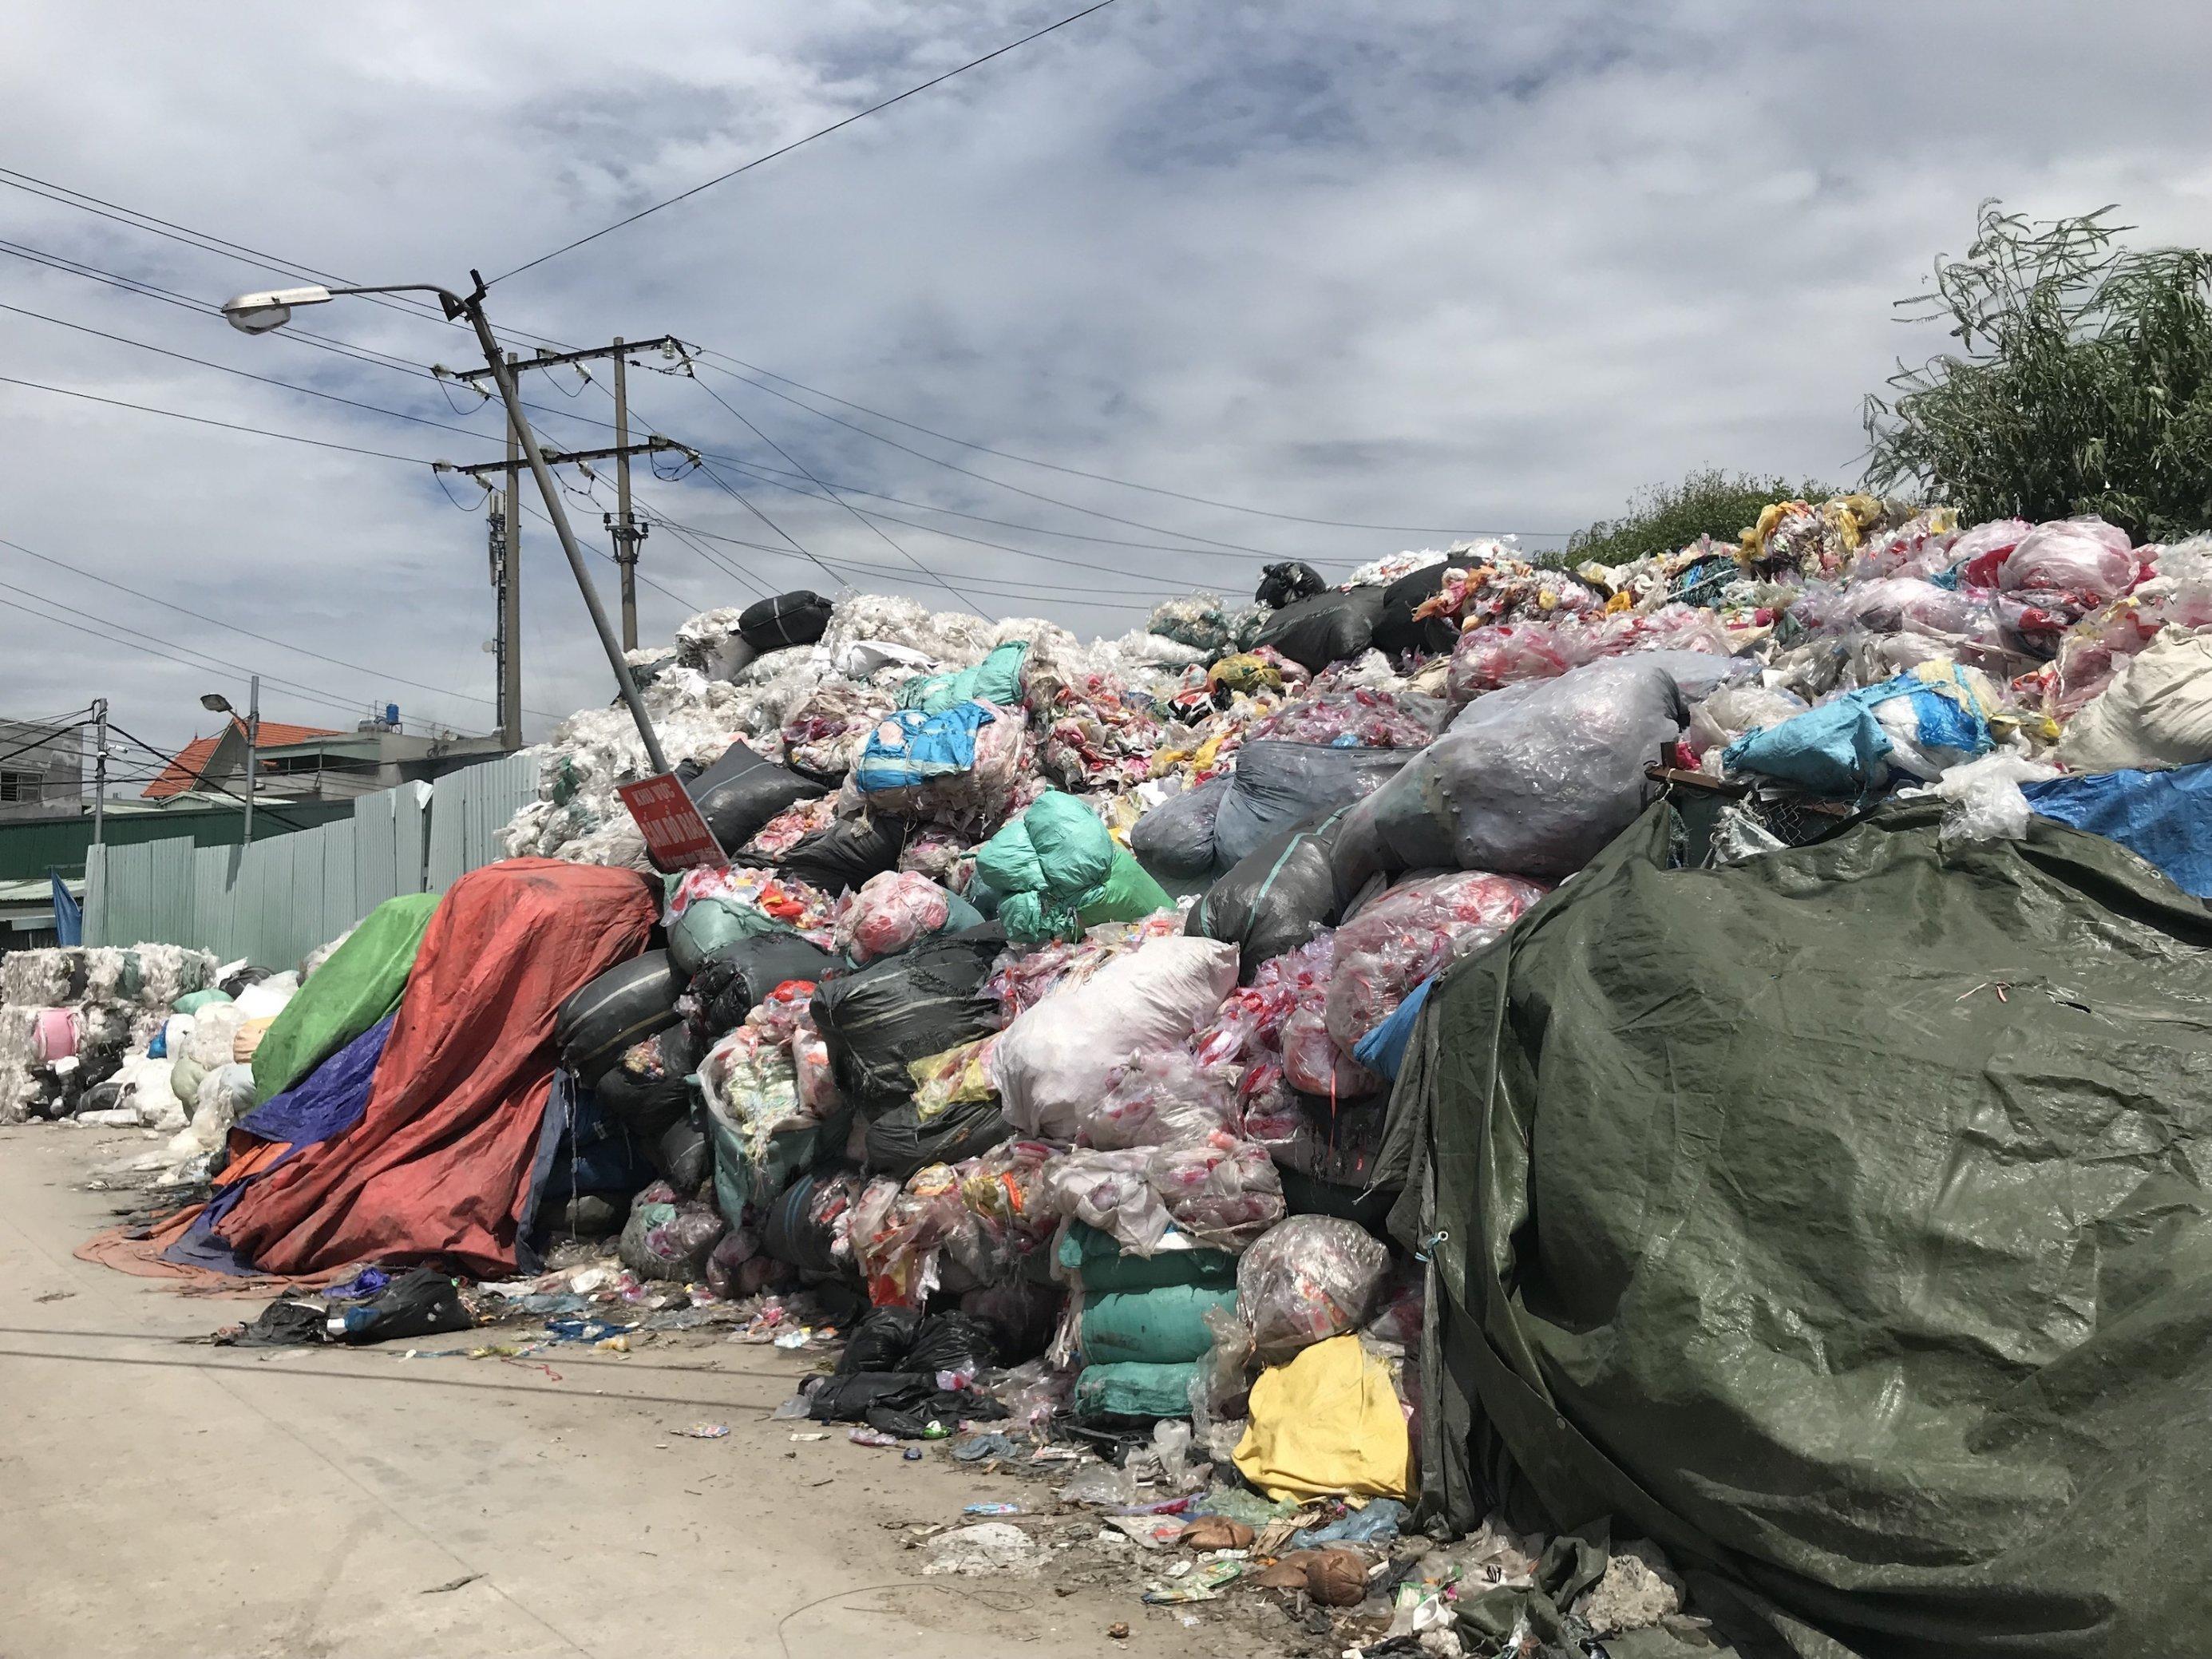 Ein Müllberg an einer Straße. Im Hintergrund sind Strommasten und eine Laterne zu erkennen.